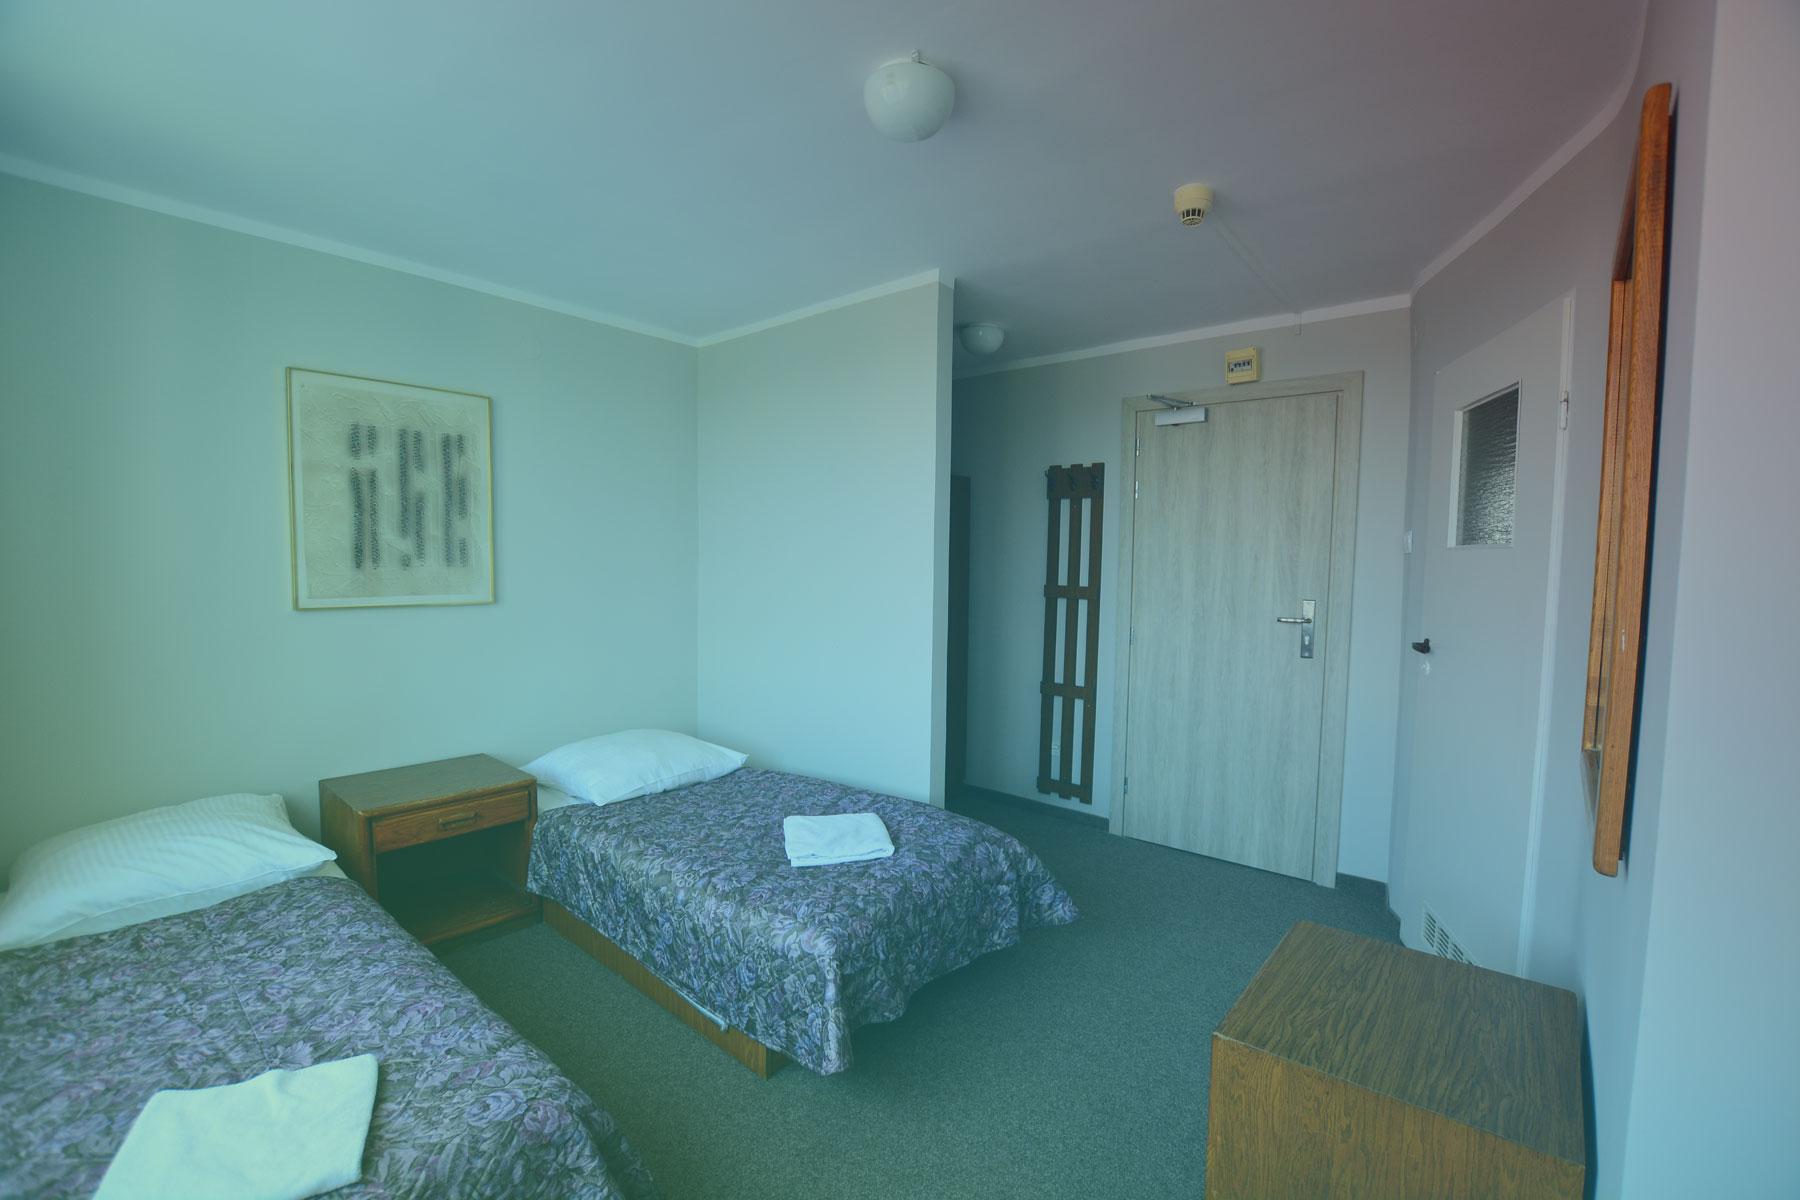 Widok pokoju w Hotelu Felix w Krakowie